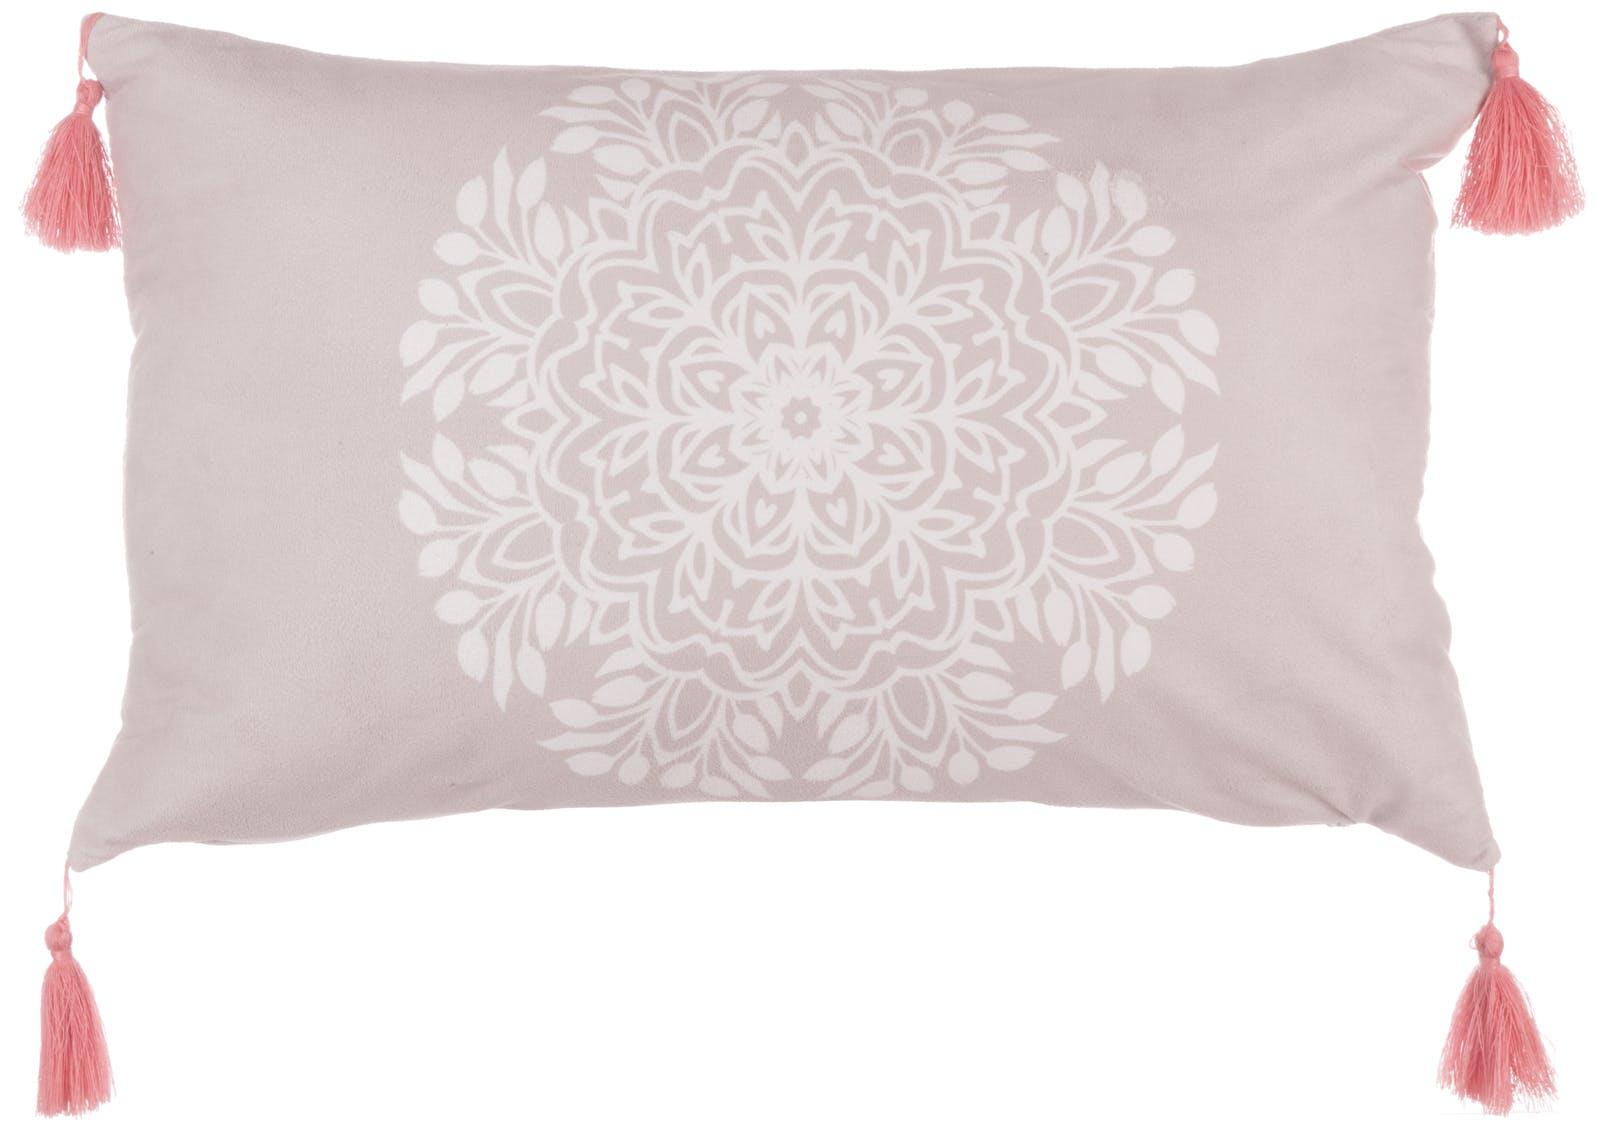 Coussin rectangulaire lin rosace centrale blanche pompons corail 30x50cm